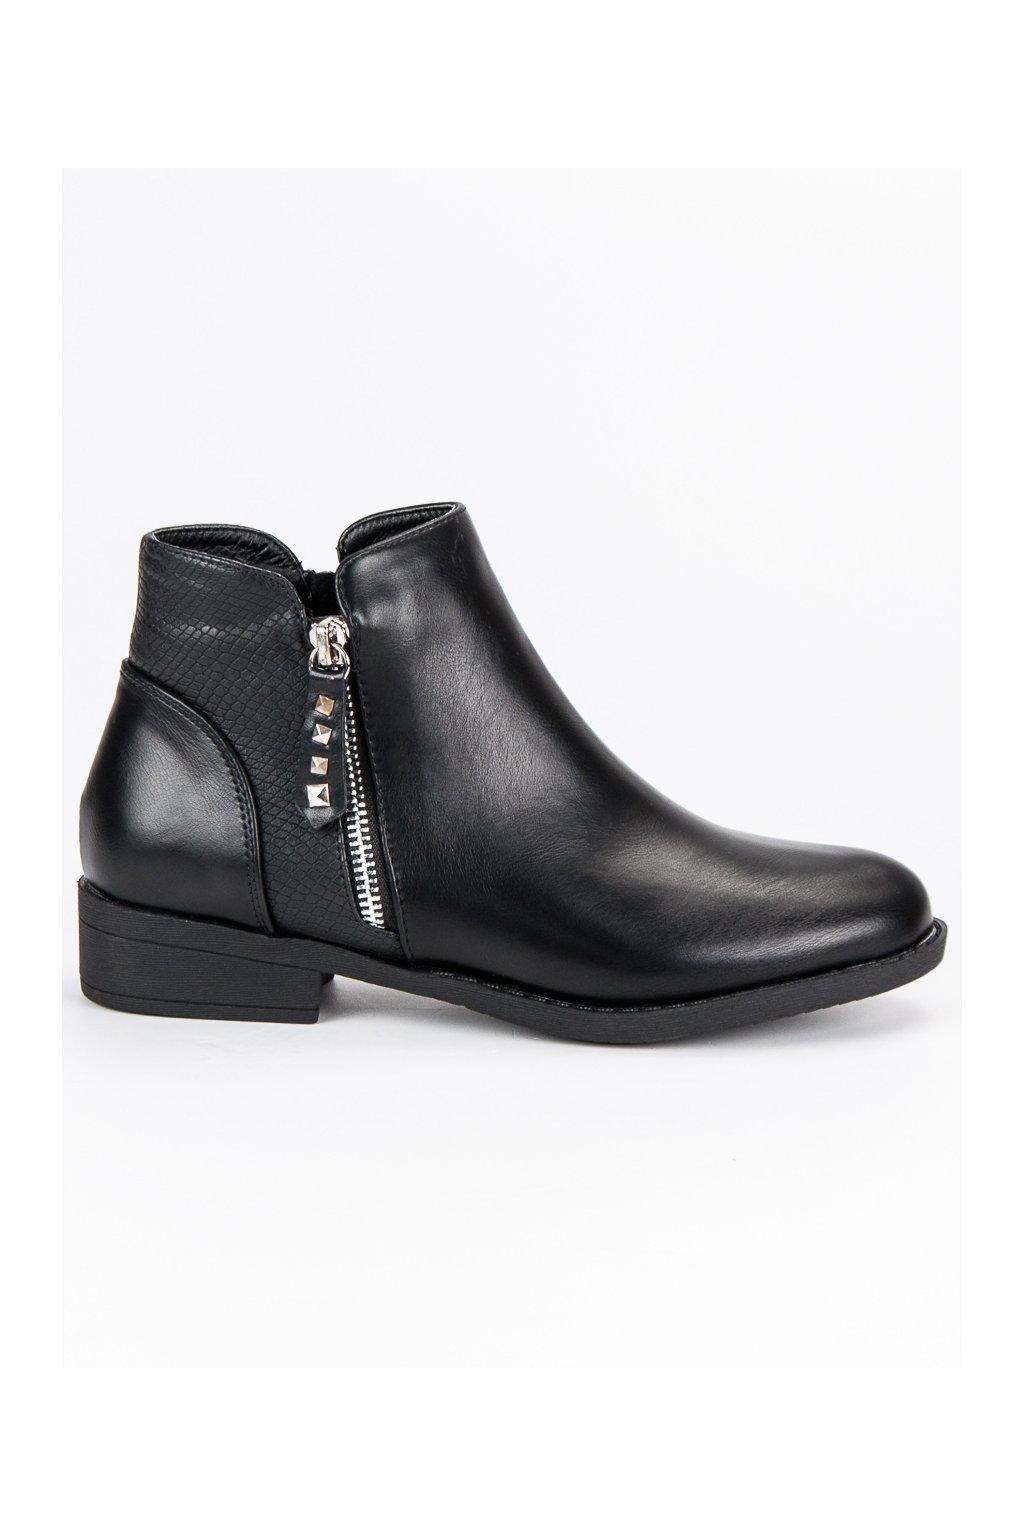 Nízke topánky čierne členkové čižmy CnB 58e98b508af